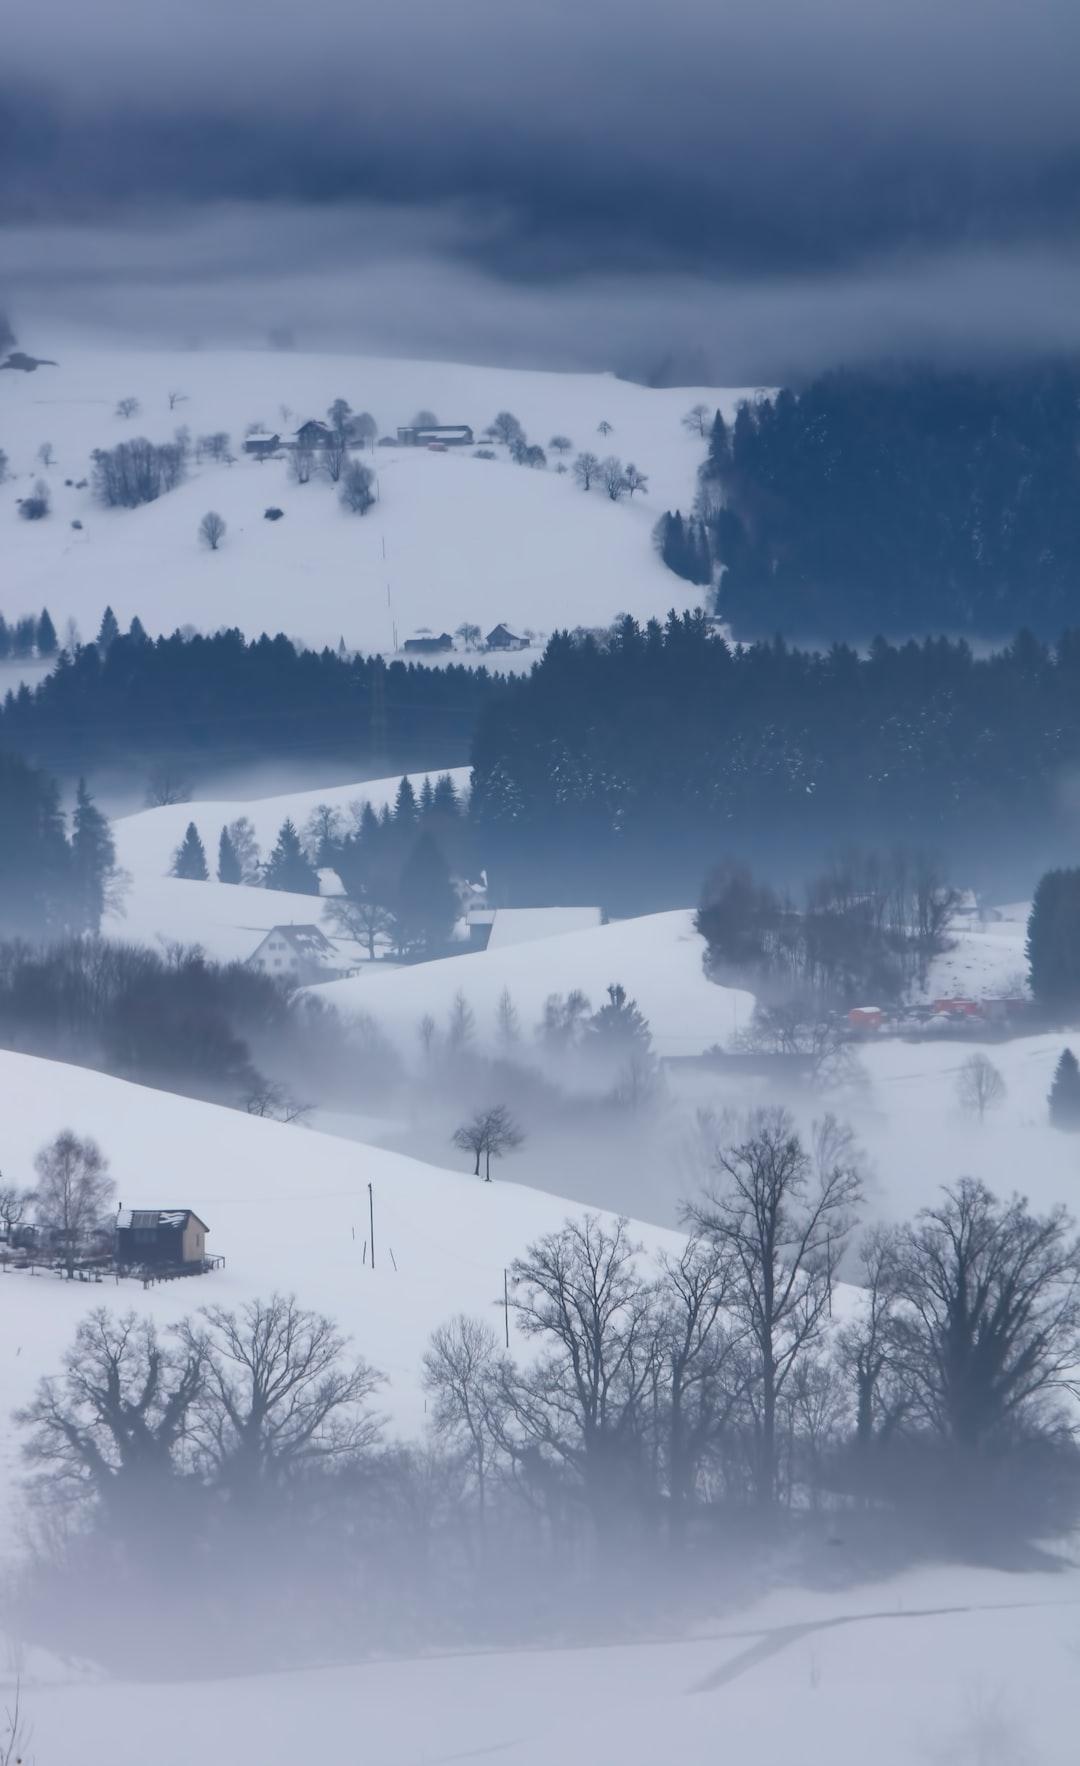 冬云落雪初晨入